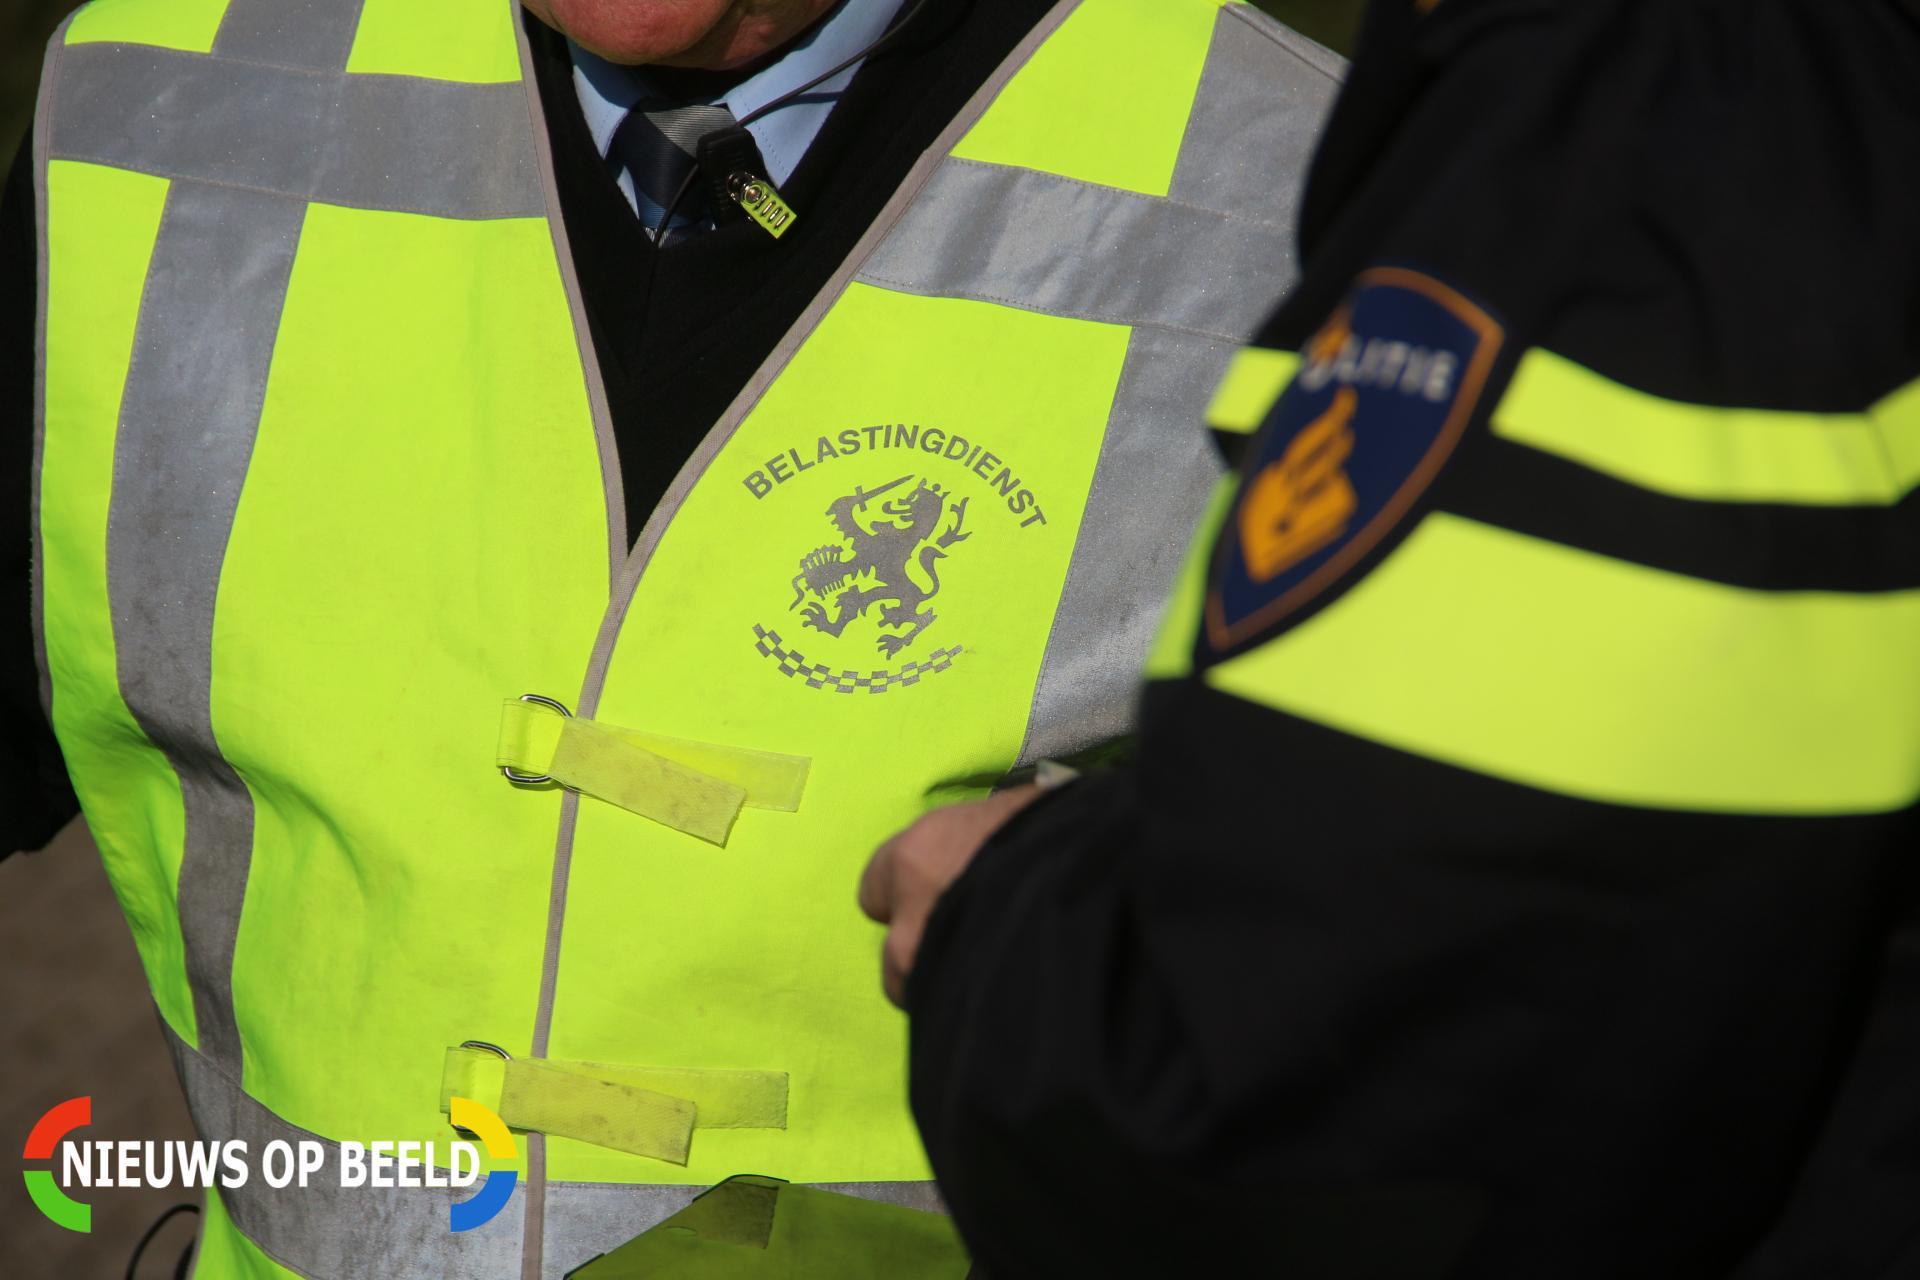 Wapens en drugs aangetroffen tijdens preventief fouilleeractie in Waalhavengebied Rotterdam